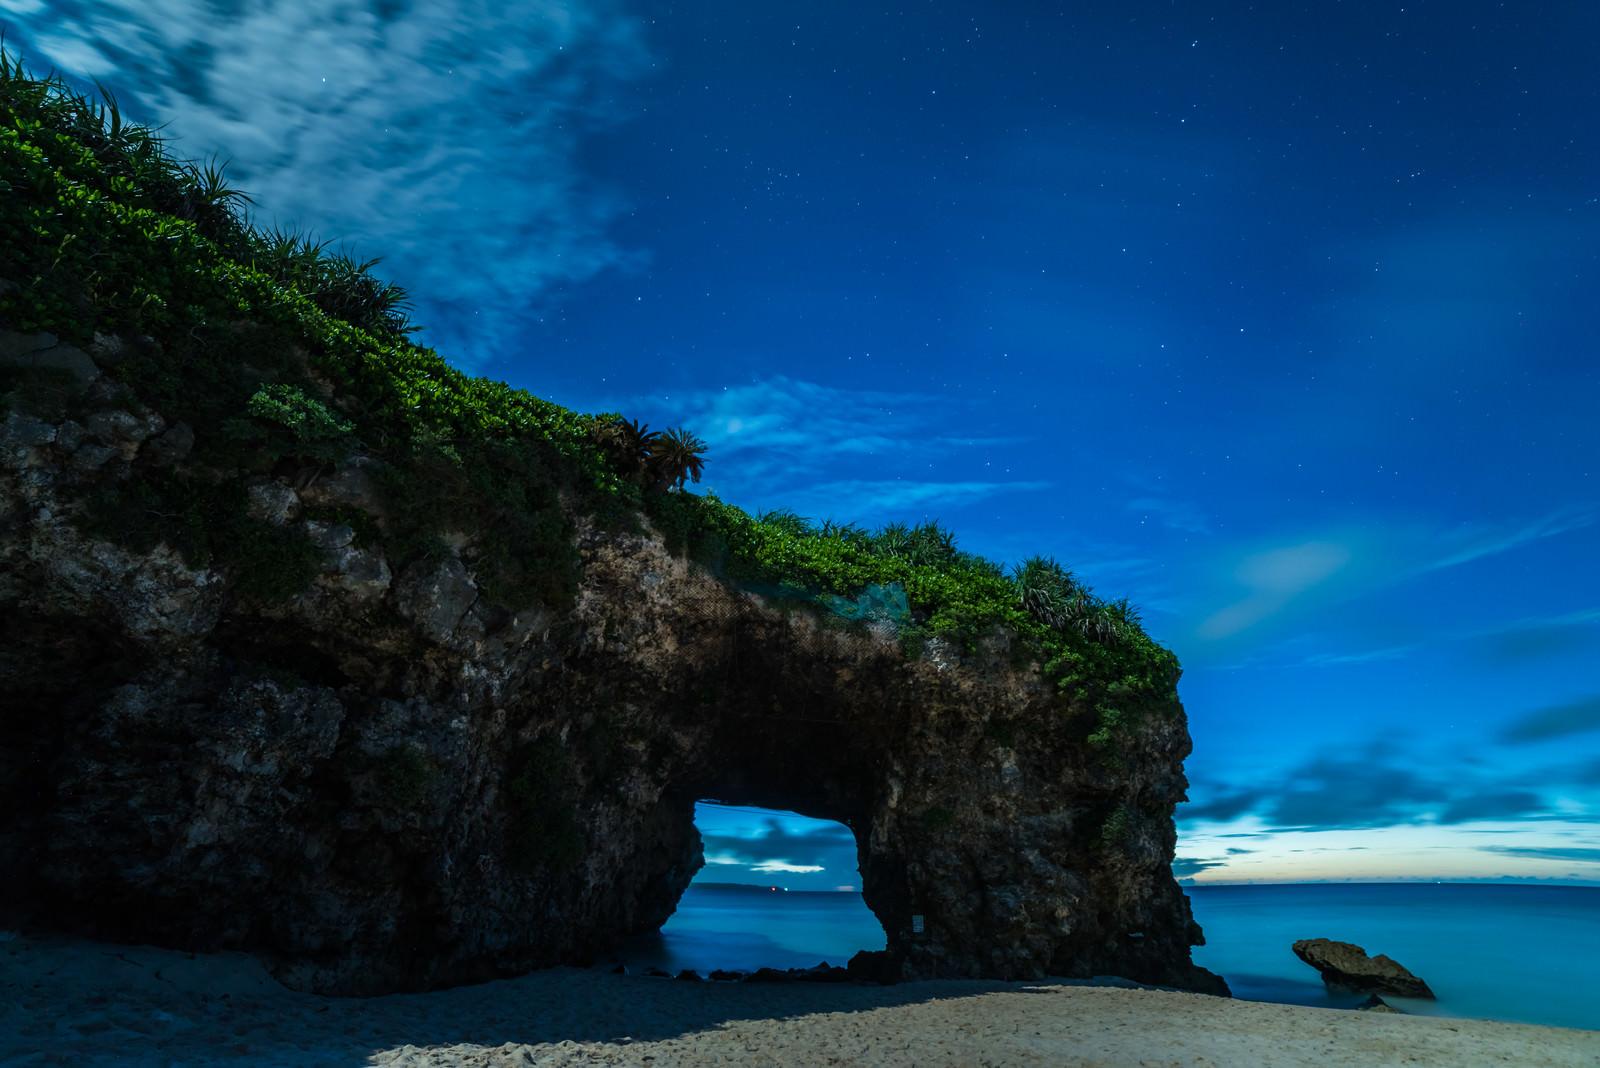 「深夜の砂山ビーチ(宮古島)」の写真